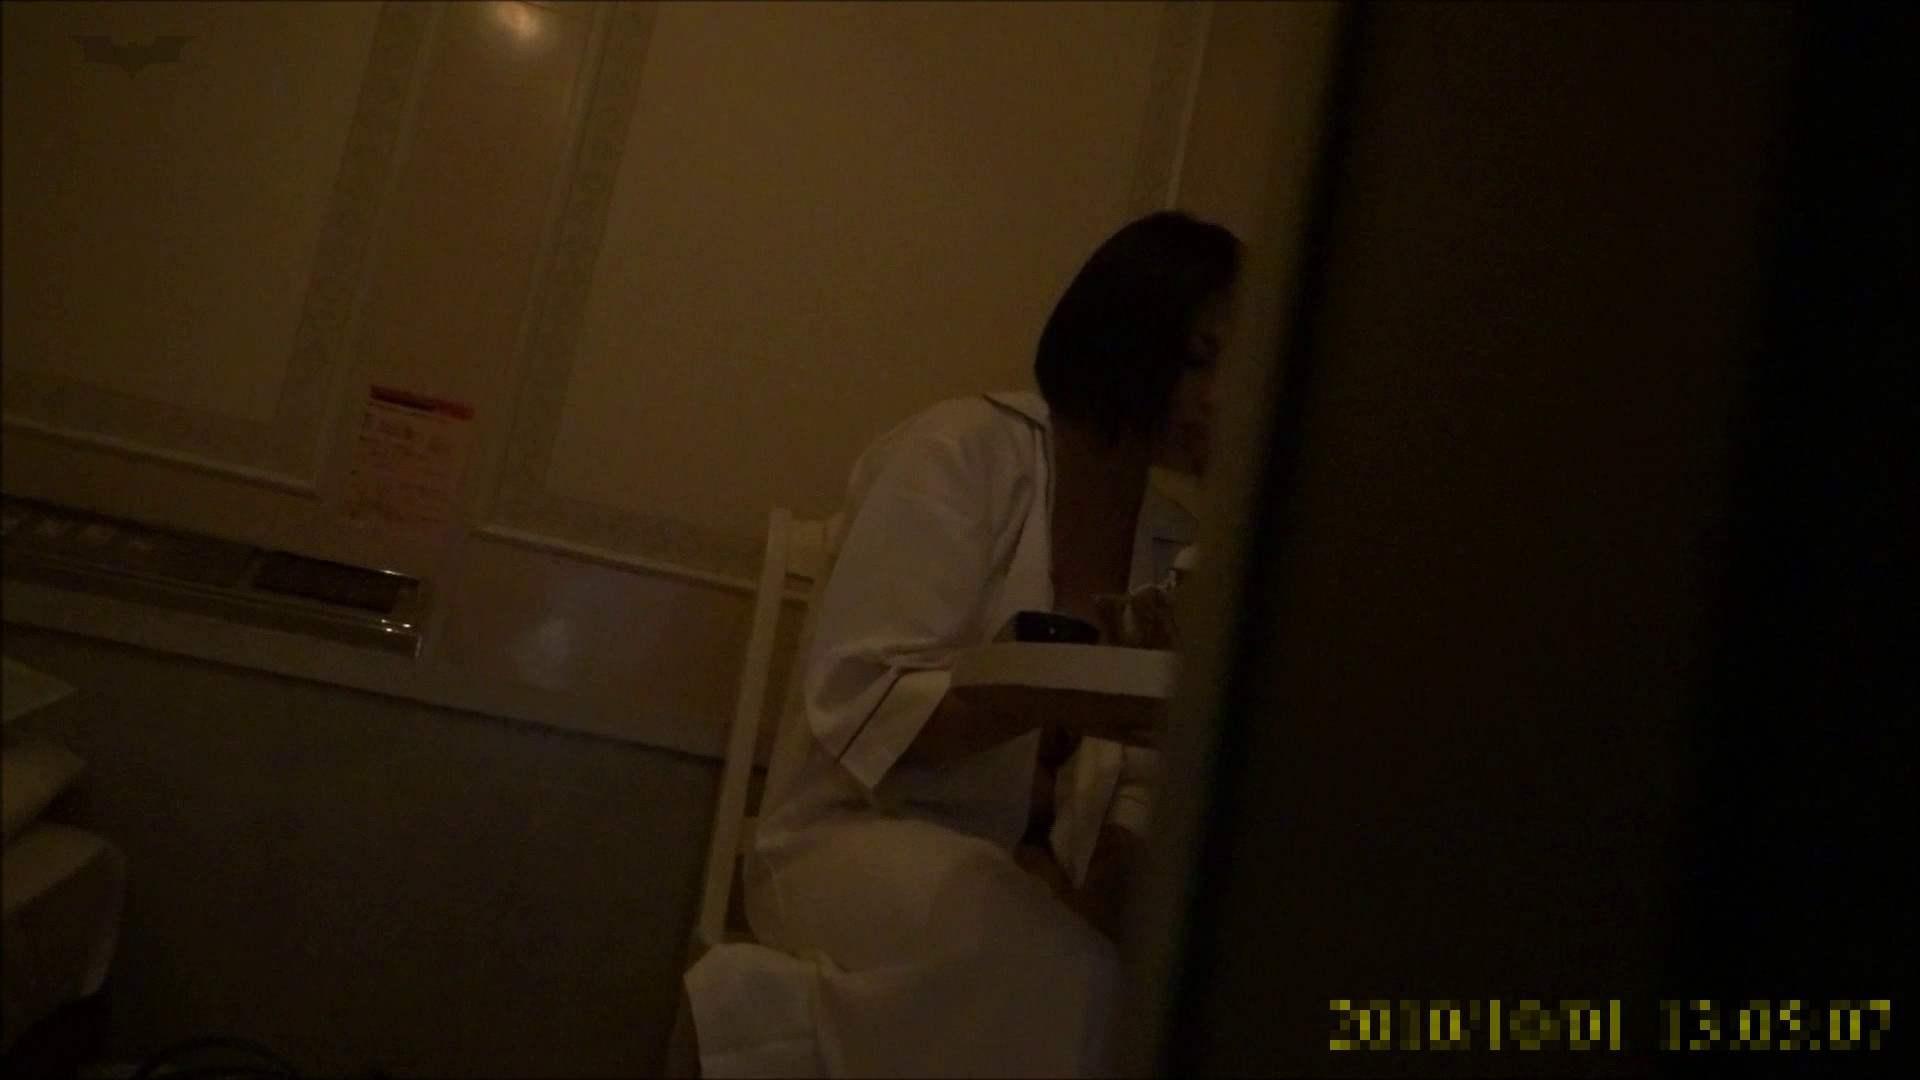 【未公開】vol.96 {茶髪→黒髪ギャル}美巨乳アミちゃん③【前編】 トイレ中   ホテル  96連発 94